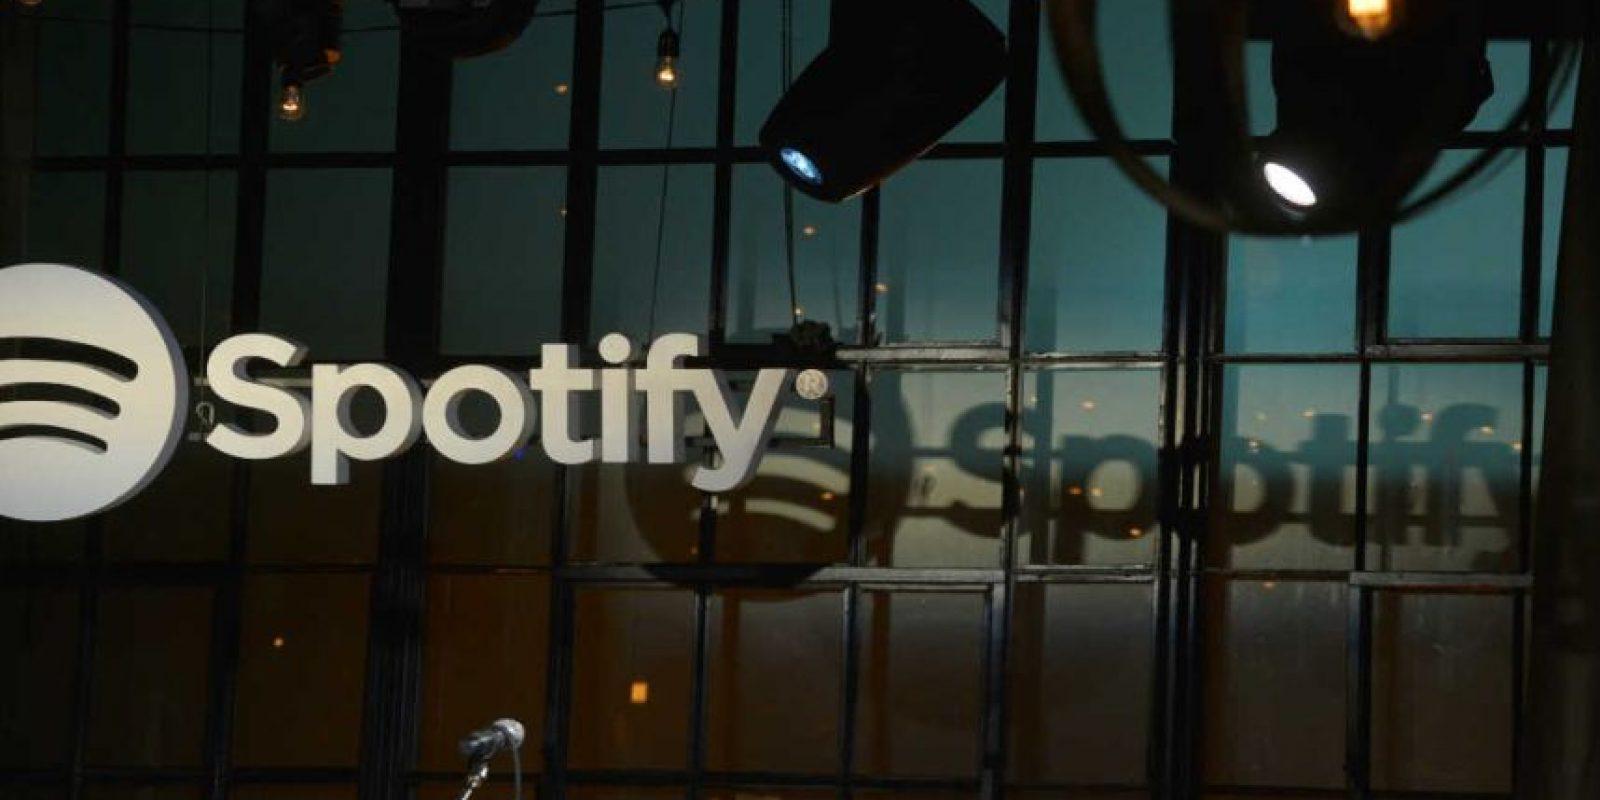 Spotify Video se encuentra disponible sólo para usuarios premium. Foto:Getty Images